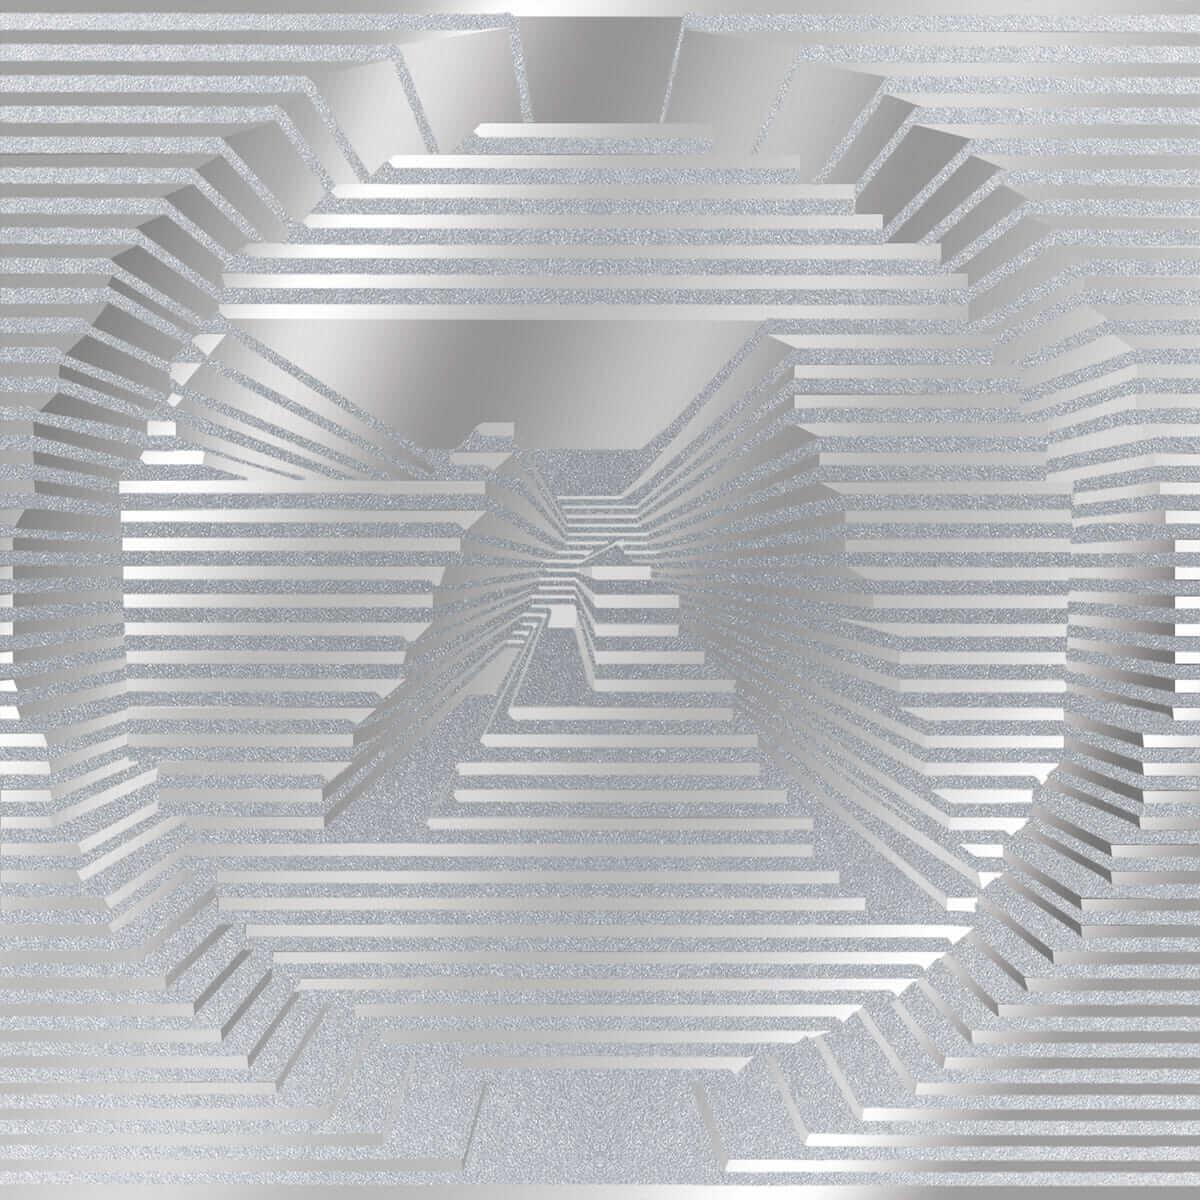 エイフェックス・ツイン『Collapse EP』発売記念!盛り上がり間違いなしのインストアDJイベントがBEAMS RECORDSで開催 music180807_aphextwin_1-1200x1200